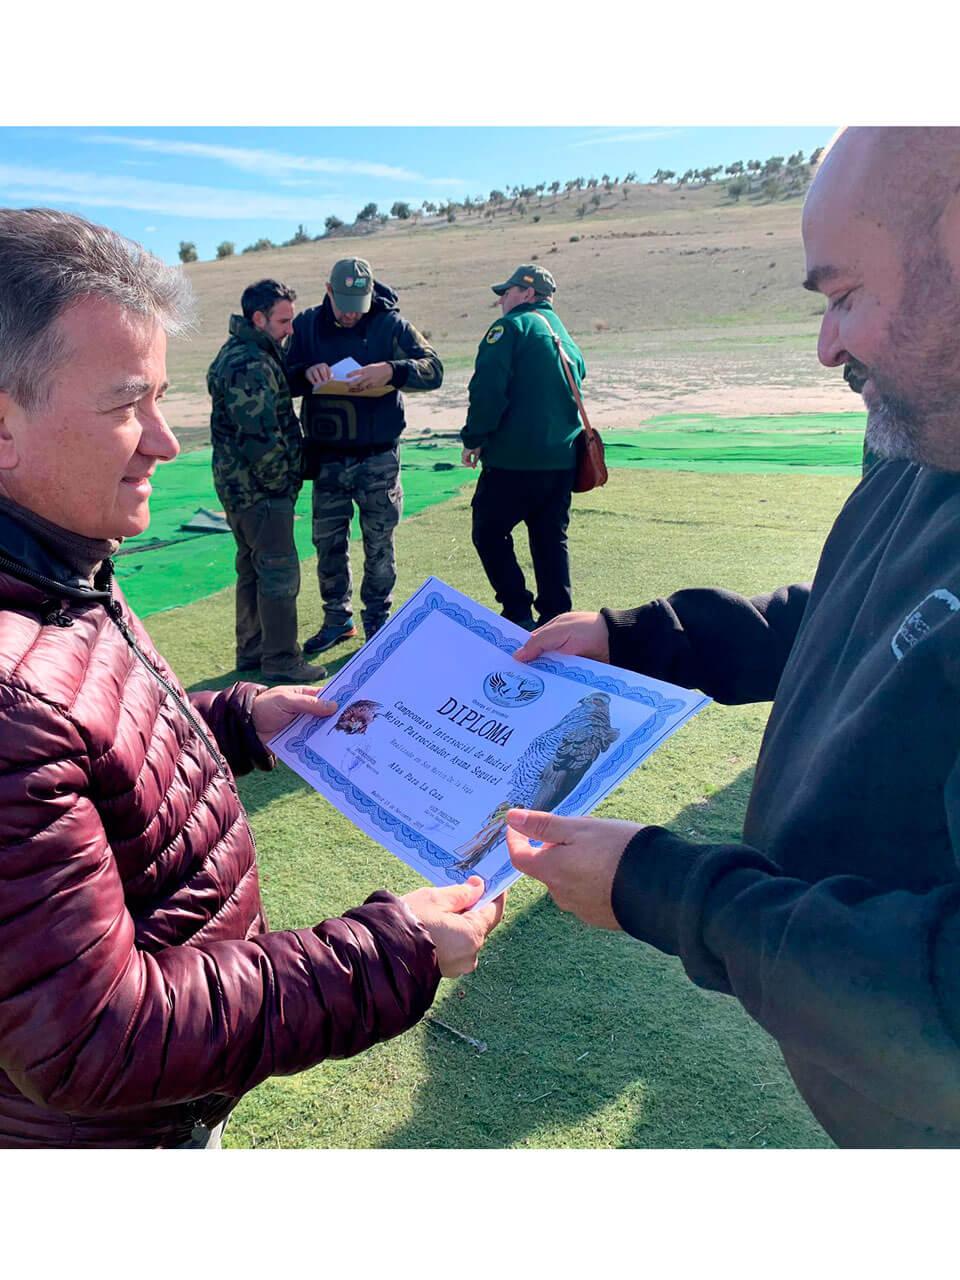 Campeonato Intersocial Bajo Vuelo 2019 - Diploma Ayama